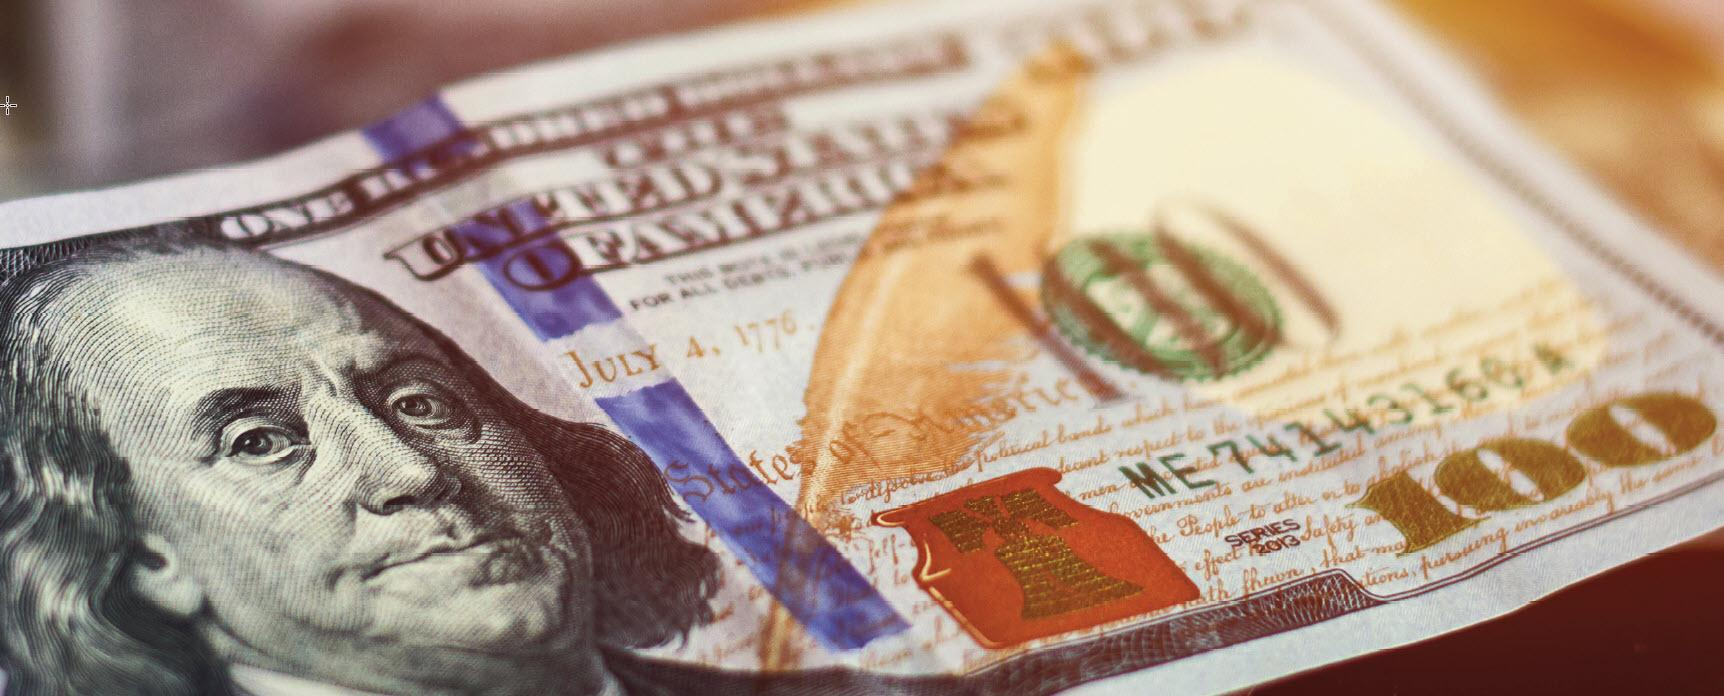 Bloomberg: kinh tế toàn cầu đột ngột chững lại và bóng ma lạm phát - Ảnh 5.